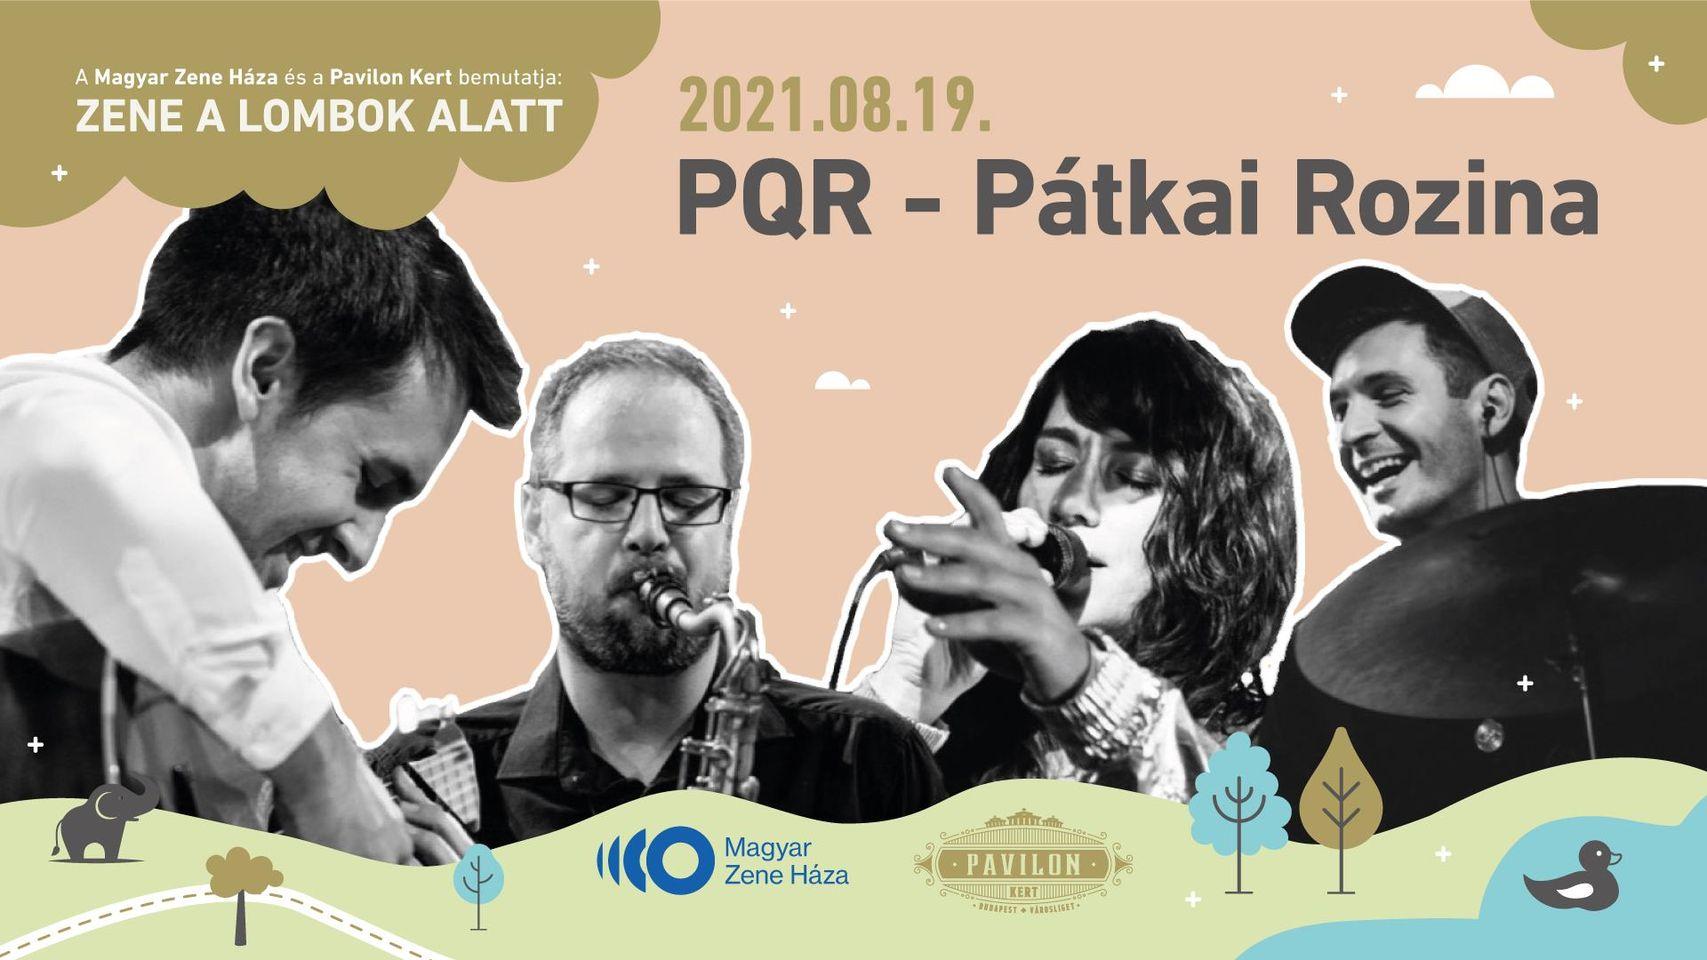 PQR - Pátkai Rozina - bemutatja a Magyar Zene Háza és a Pavilon Kert